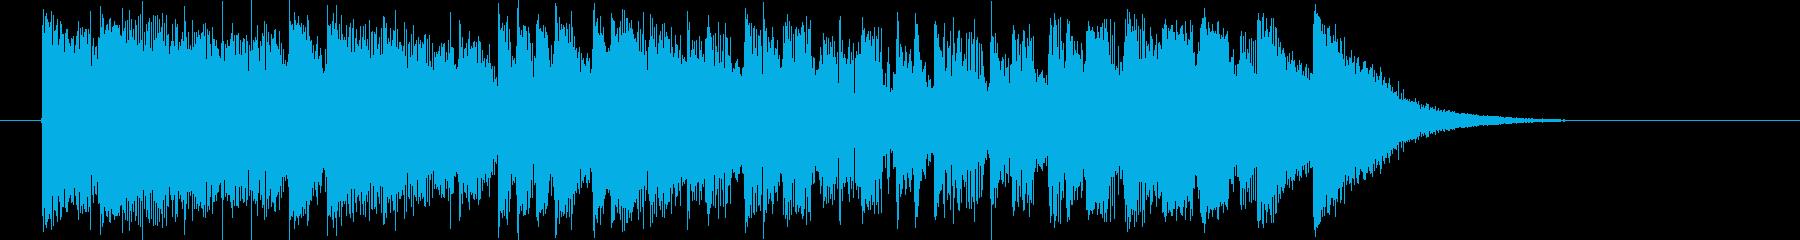 疾走感と勢いのあるシンセポップジングルの再生済みの波形